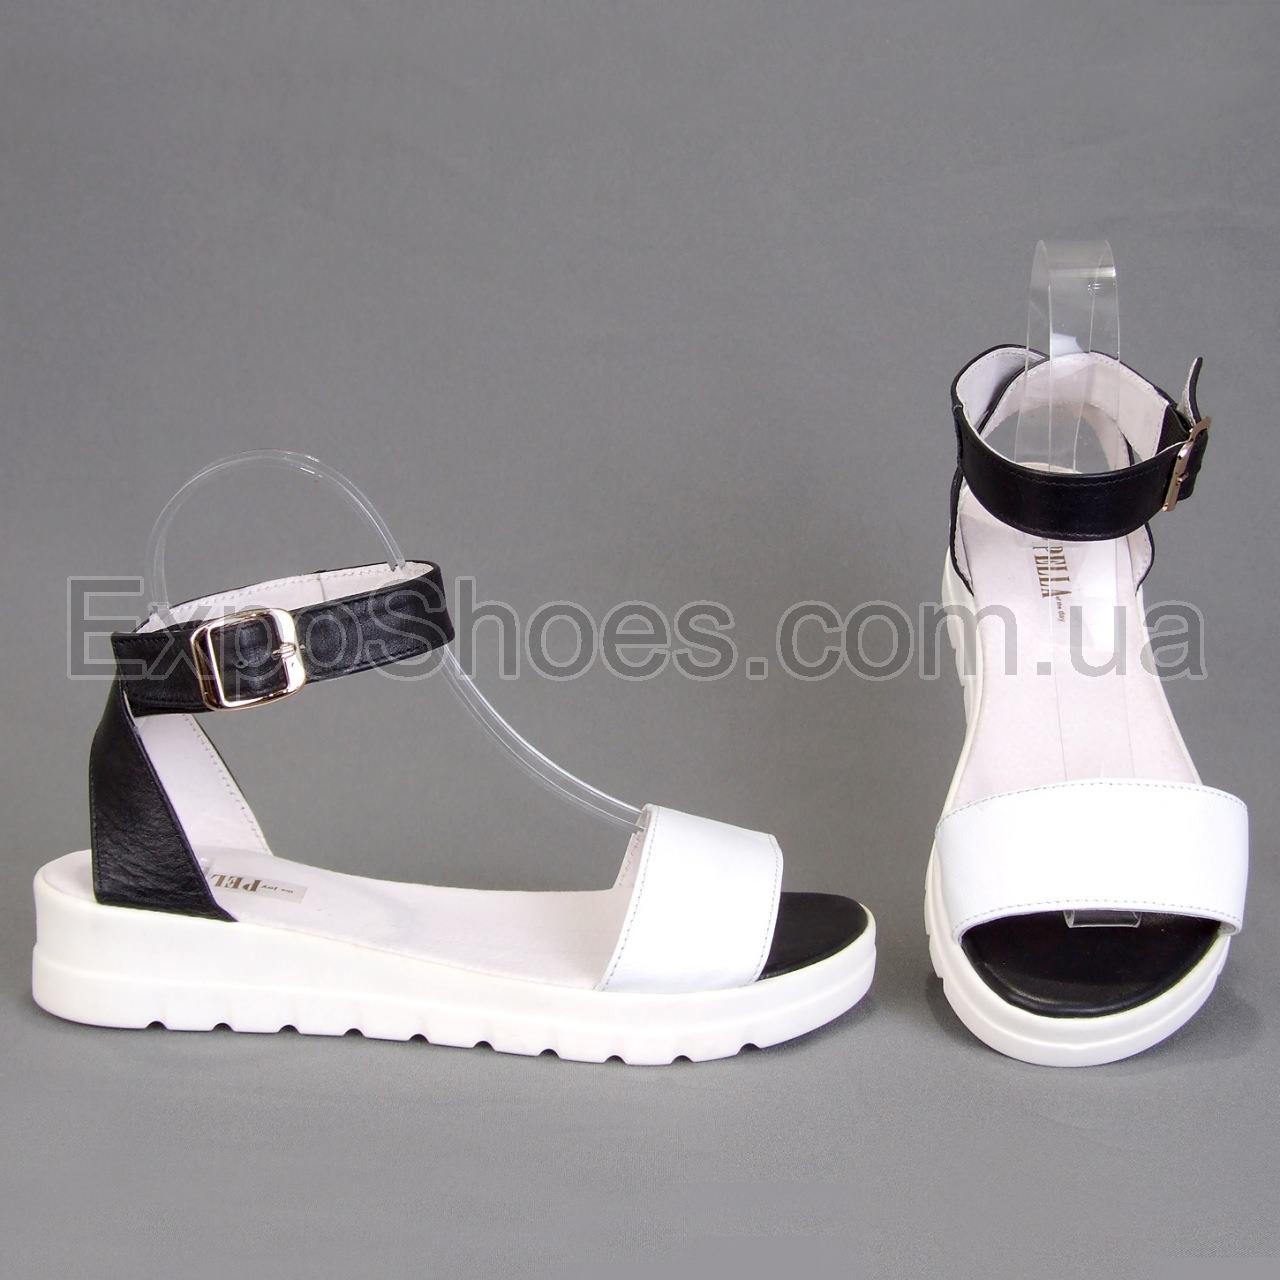 f2a33661d ... ExpoShoes Online Украина - обувной интернет выставки. фото женских  босоножек Pella (Пэлла)